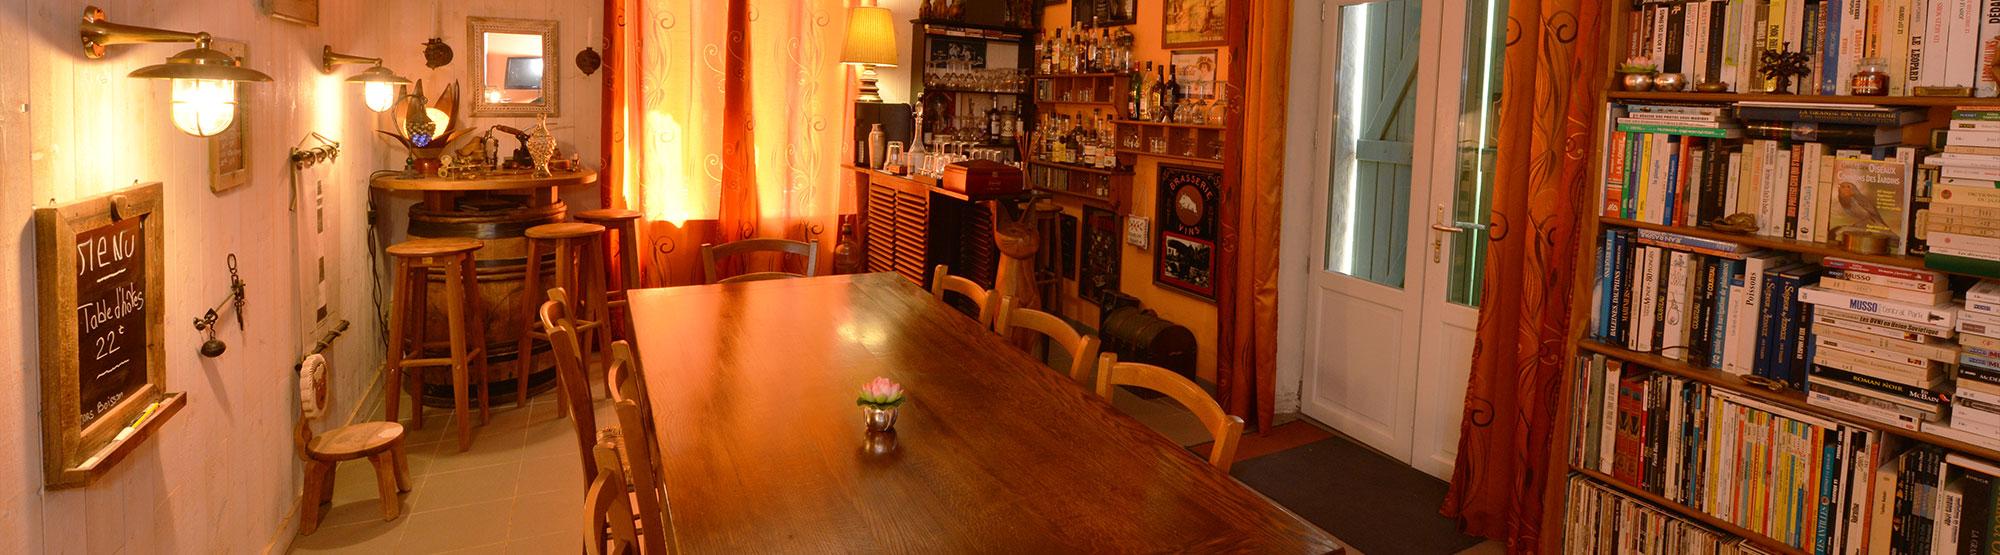 Table d'hôtes en Bourgogne